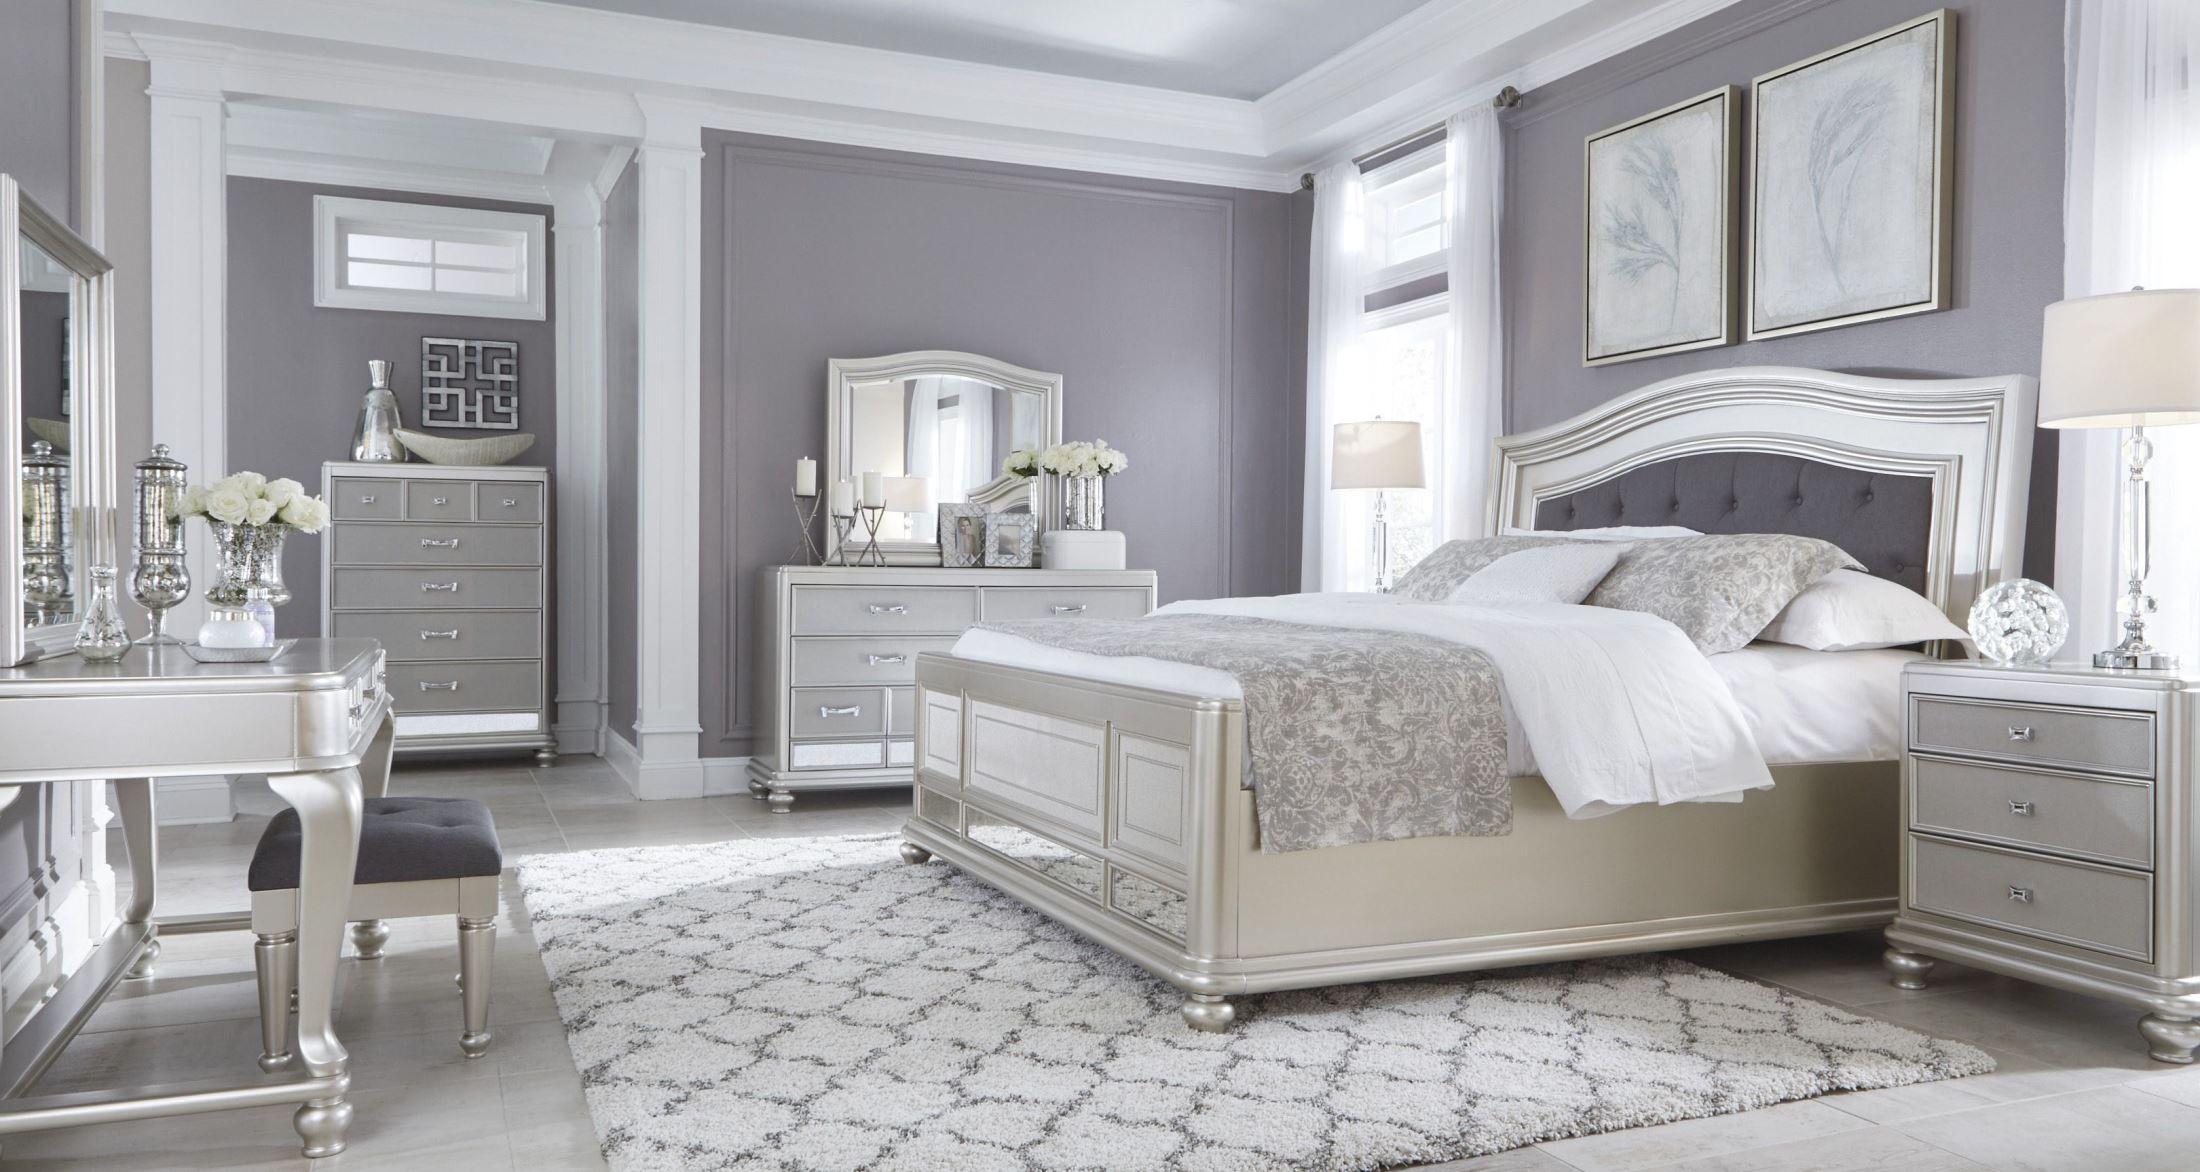 غرفة نوم ذات طابع مودرن باللون الفضي المميز